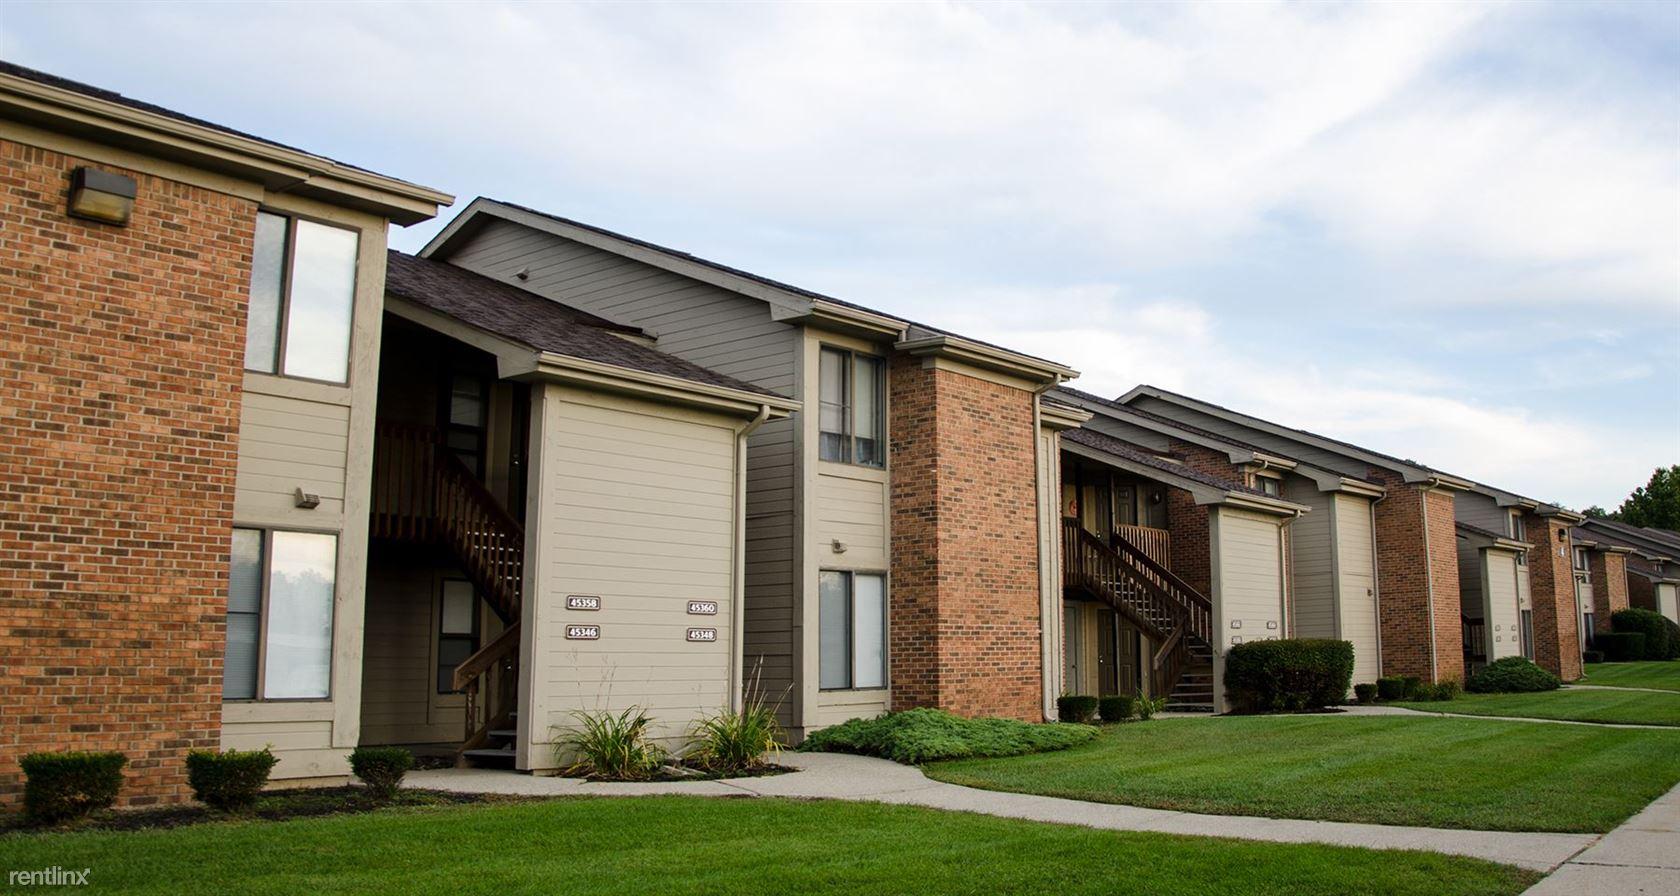 45600 Oak Hill Blvd, Shelby Township, MI - $2,130